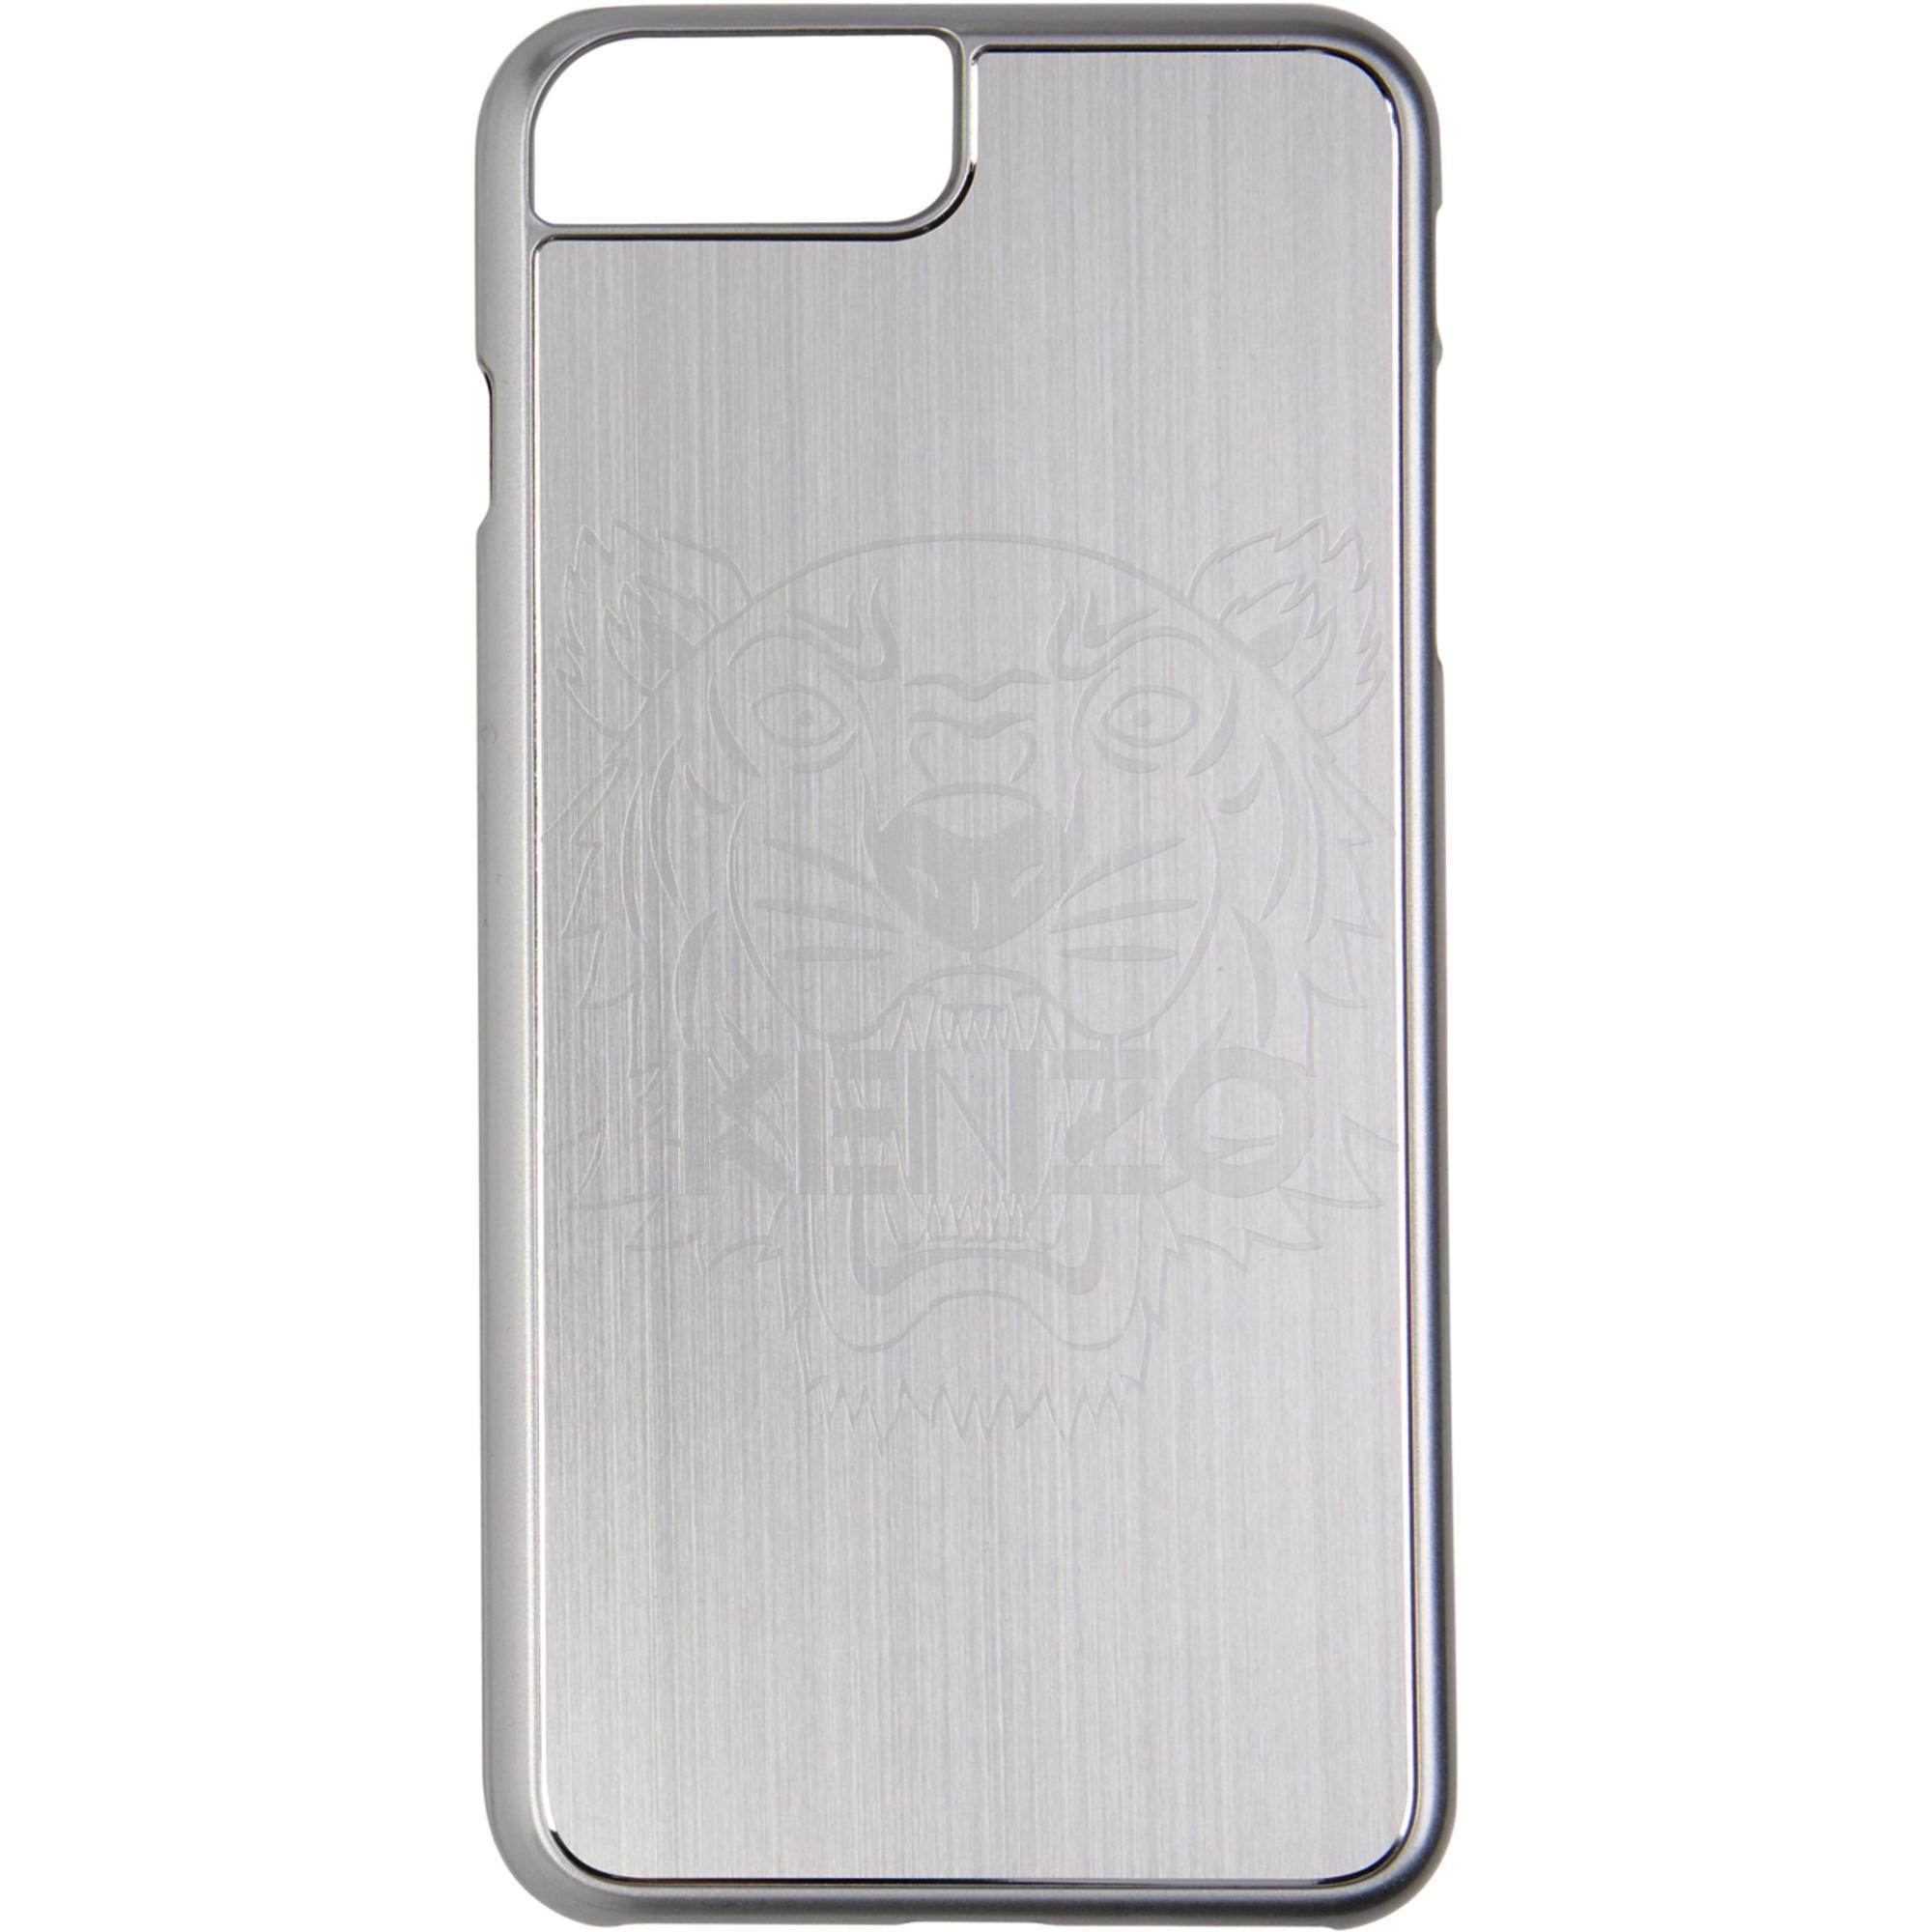 Lyst - Étui pour iPhone 7 Plus et 8 Plus en aluminium argenté Tiger ... c43110e5acb